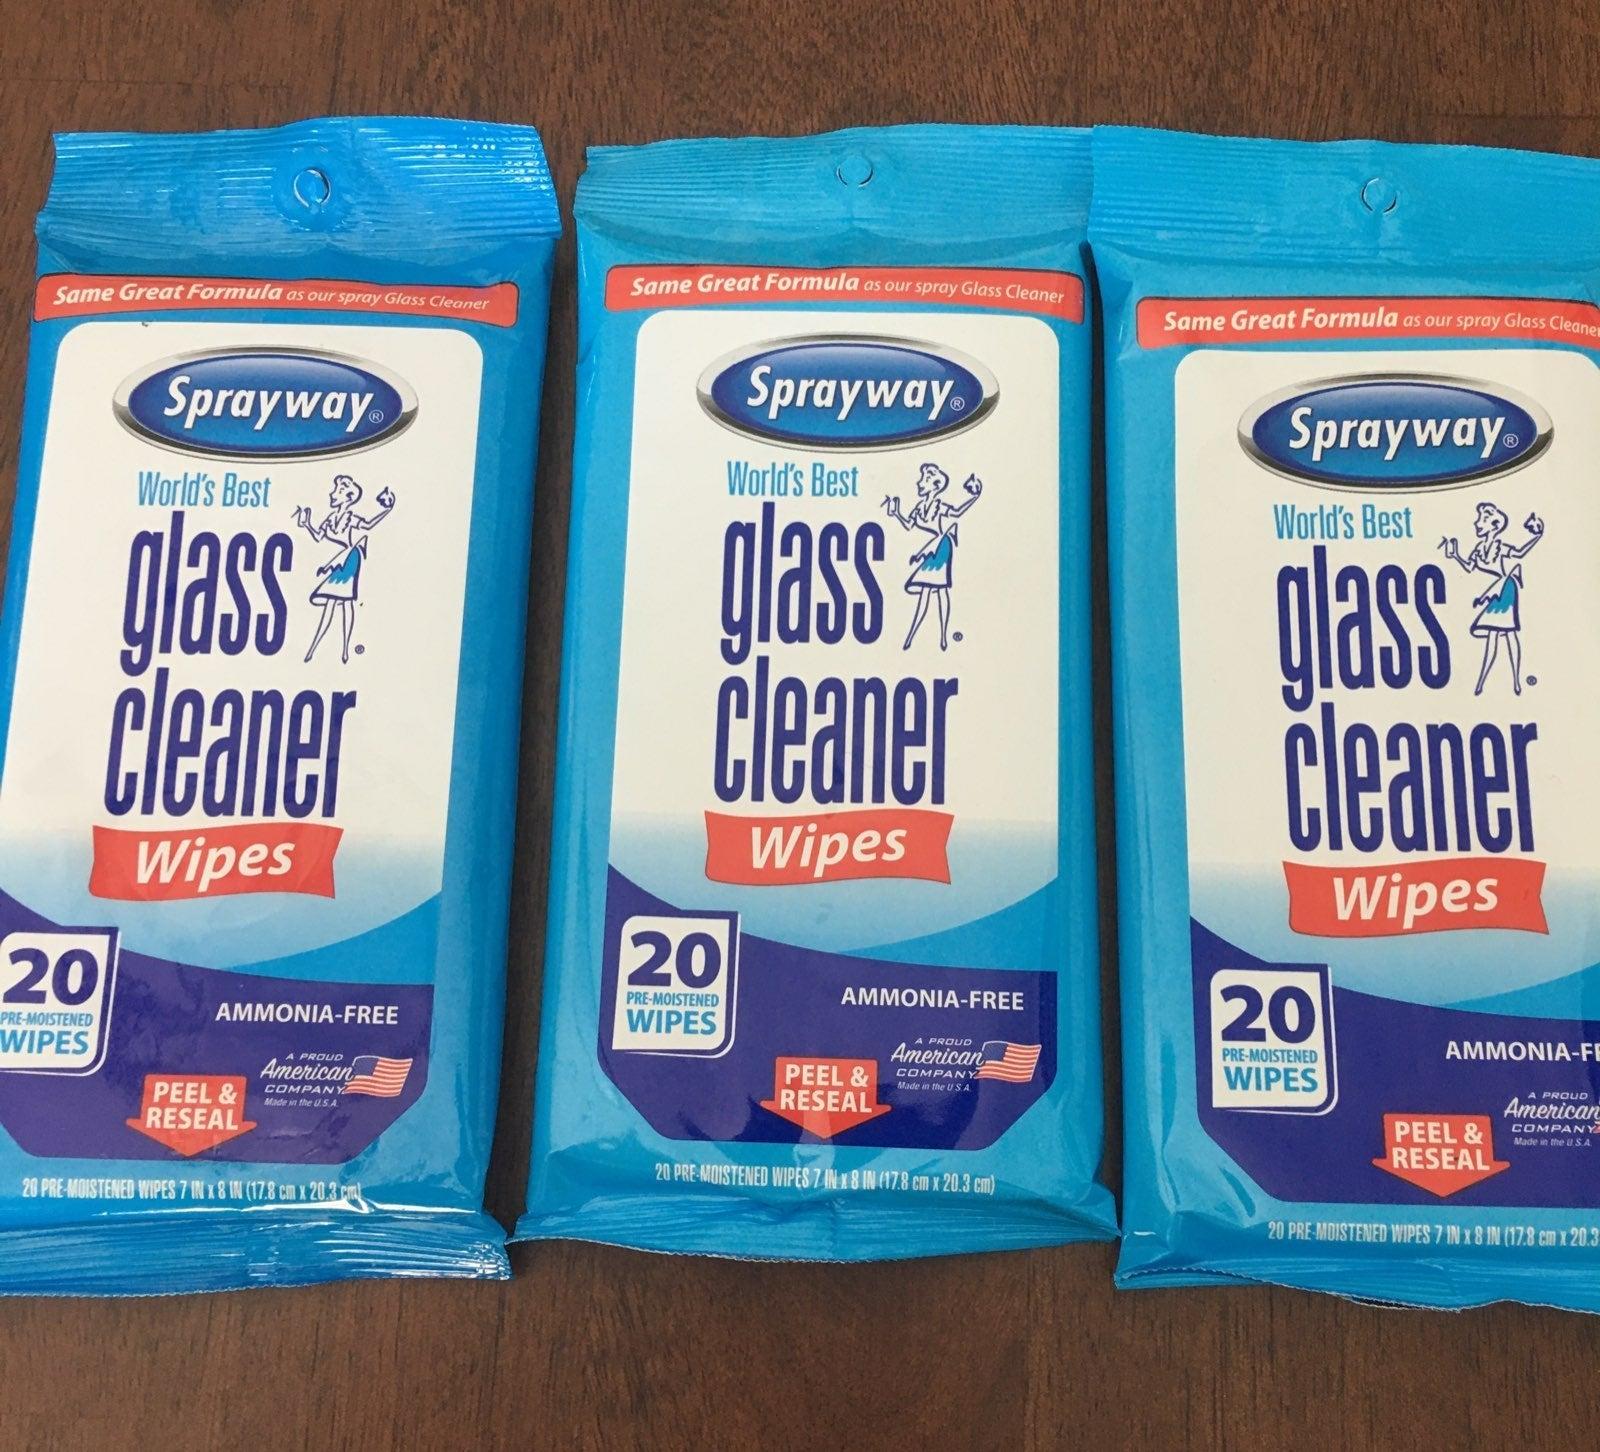 Sprayway Glass wipes bundle